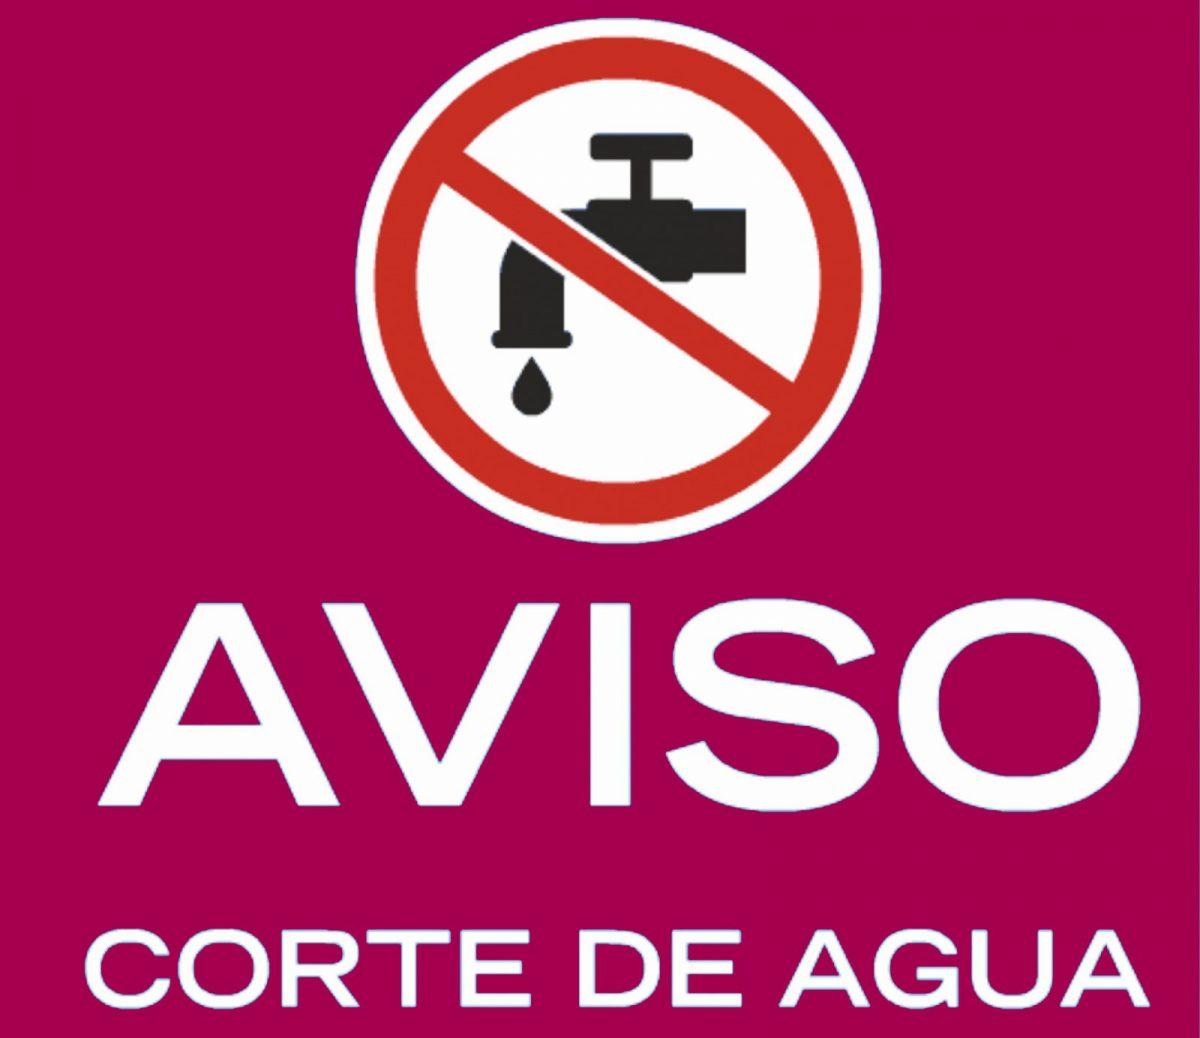 https://www.toledo.es/wp-content/uploads/2019/01/corte-agua-ayto-toledo-1200x1038.jpg. Previstos dos cortes de suministro de agua para este lunes 14 en Santa Bárbara y San Bernardo